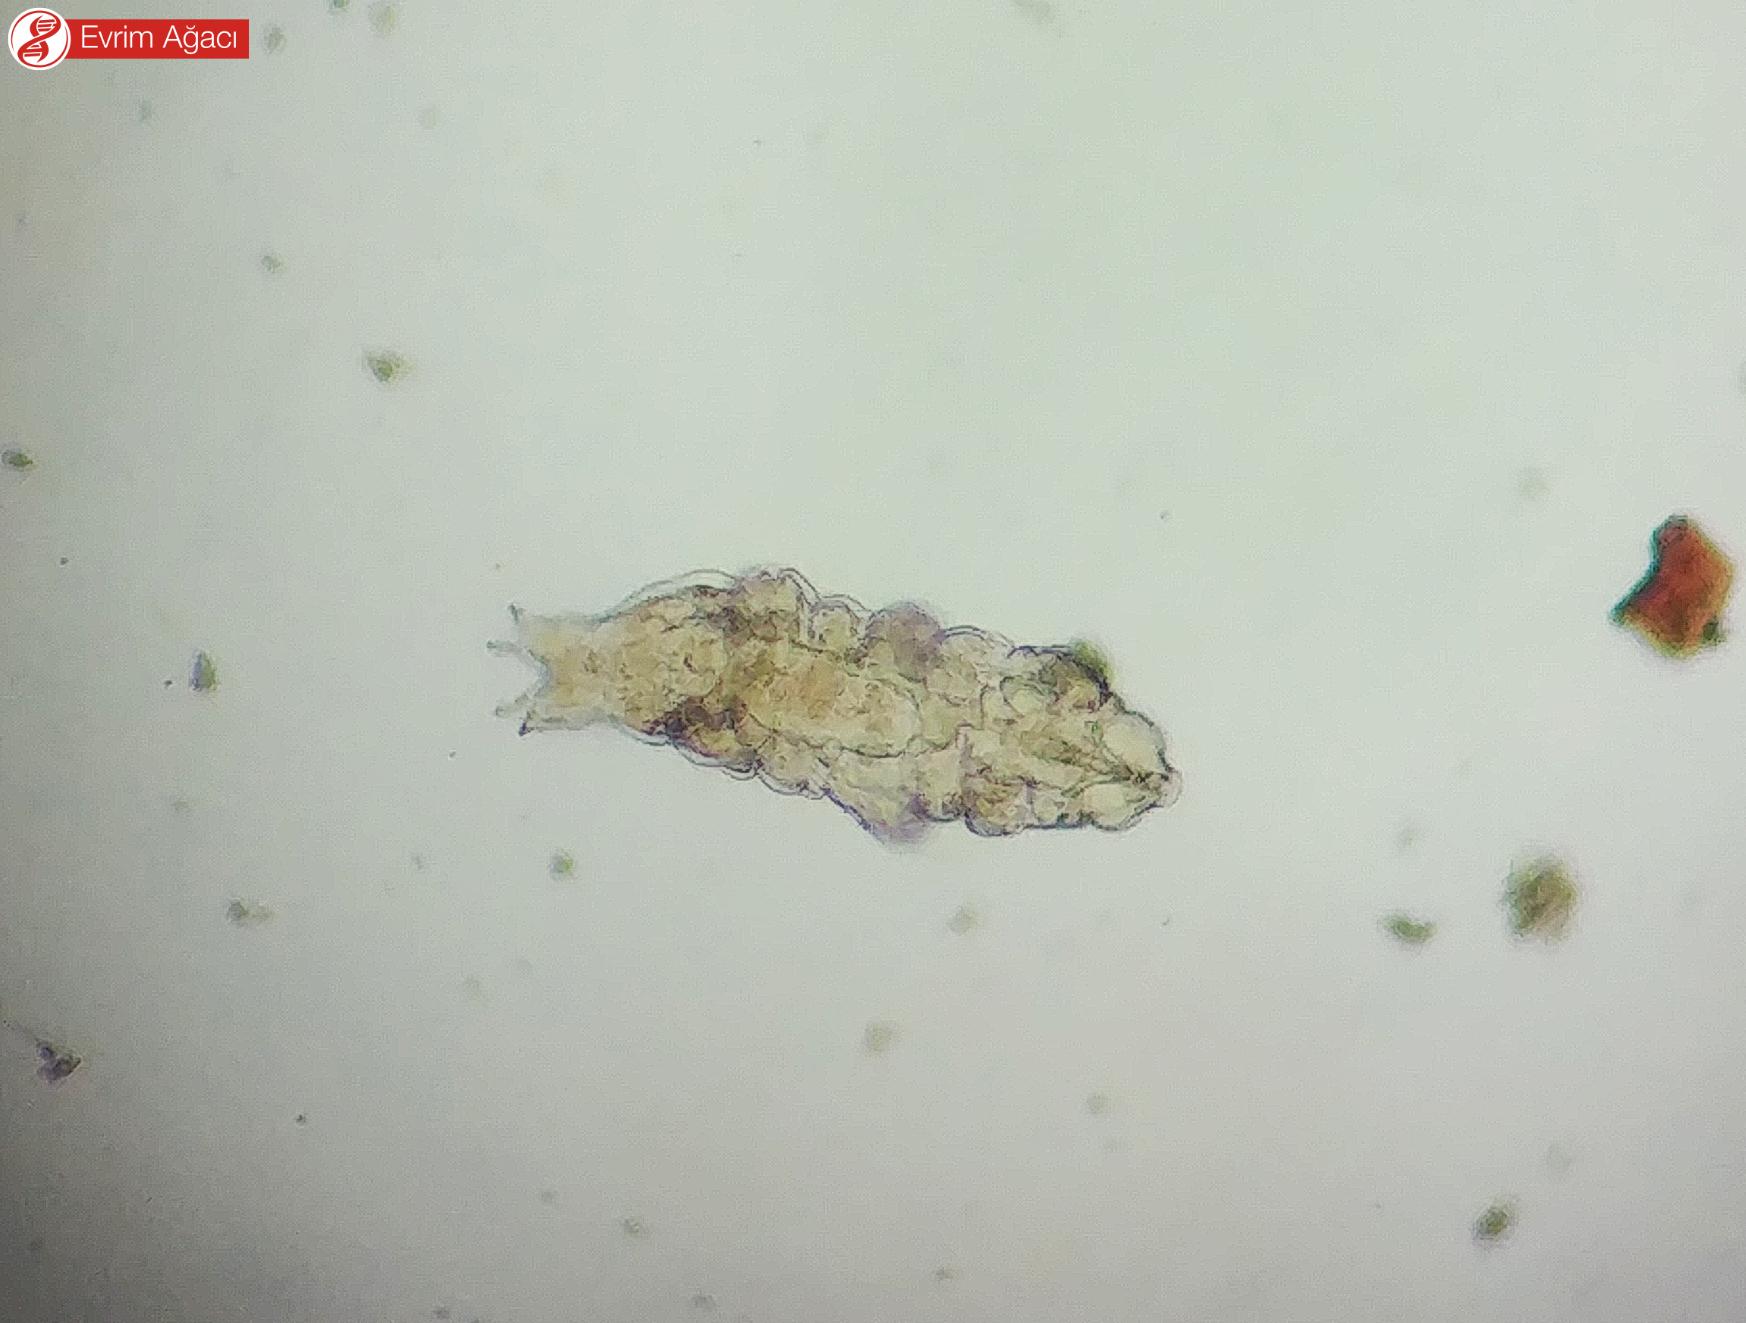 Abant Gölü'nden elde ettiğimiz Eutardigrad türleri.